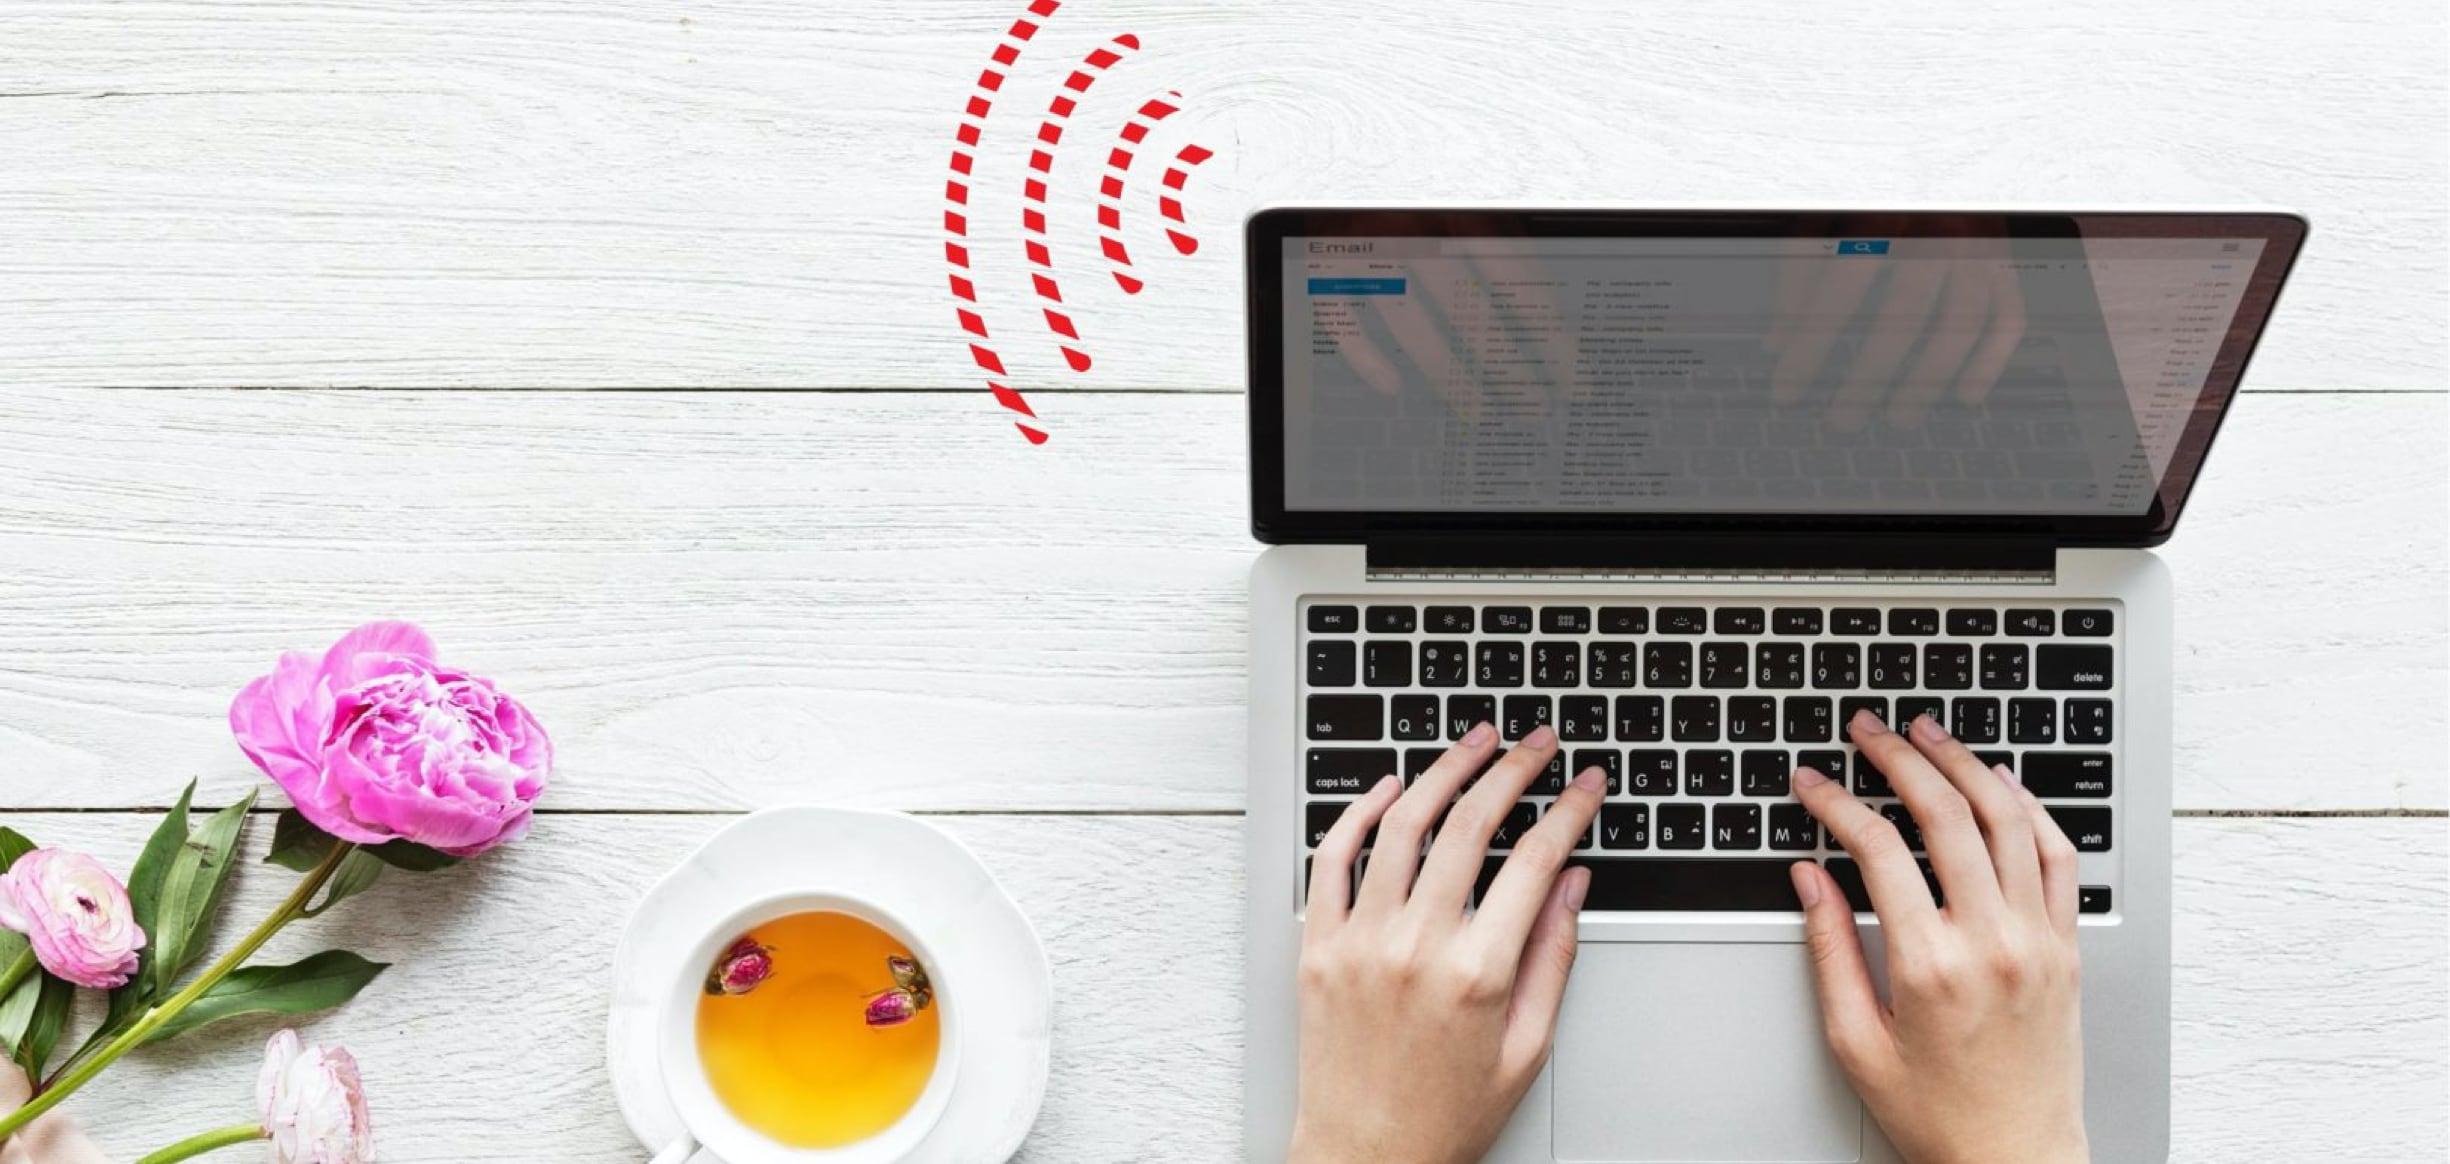 How Video Calling Enables International Entrepreneurship